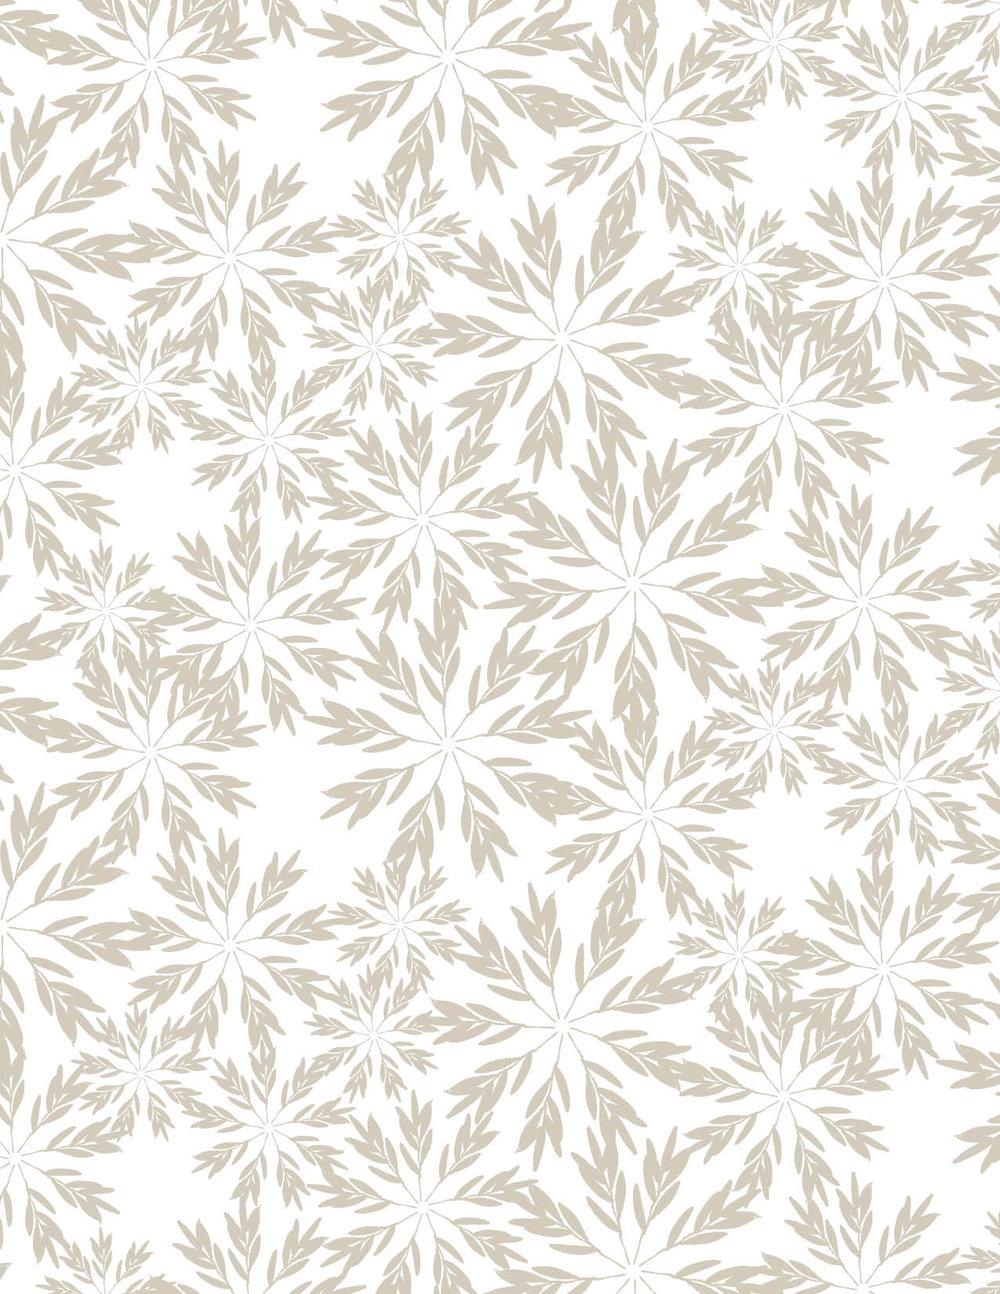 jessbruggink_pattern33.jpg